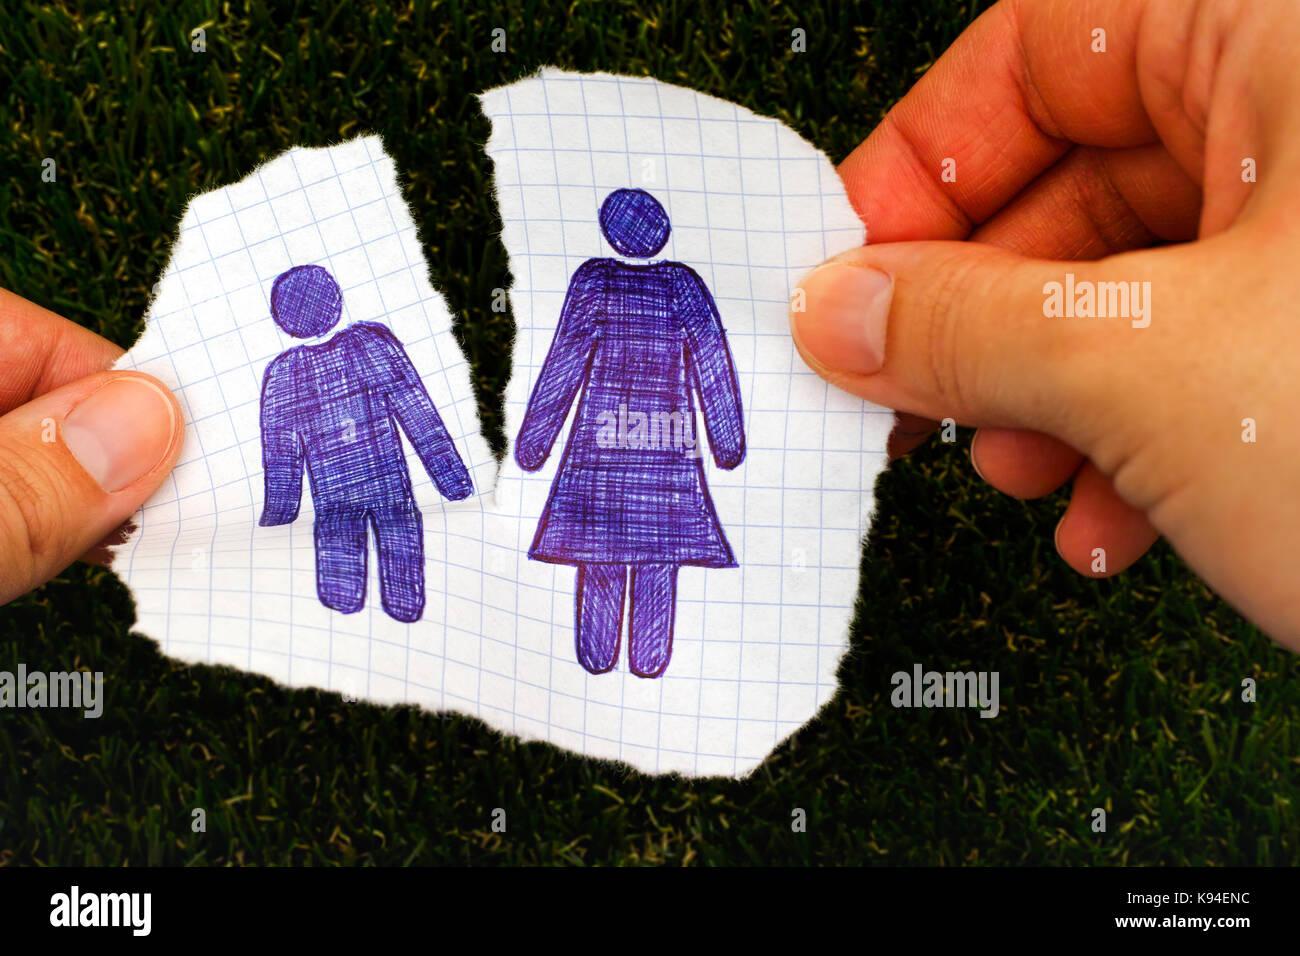 Femme mains déchirer bout de papier à la main avec l'homme et la femme. chiffres. fond d'herbe Photo Stock